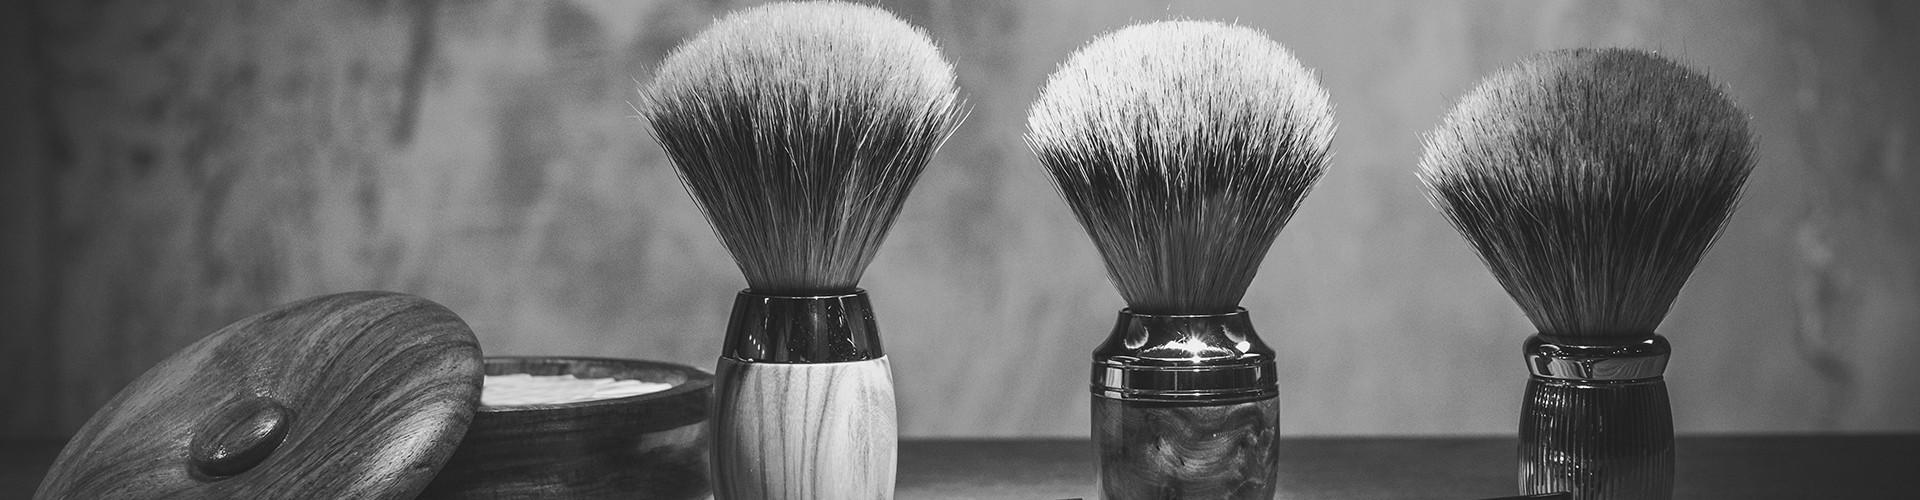 Entretien rasoir coupe-choux